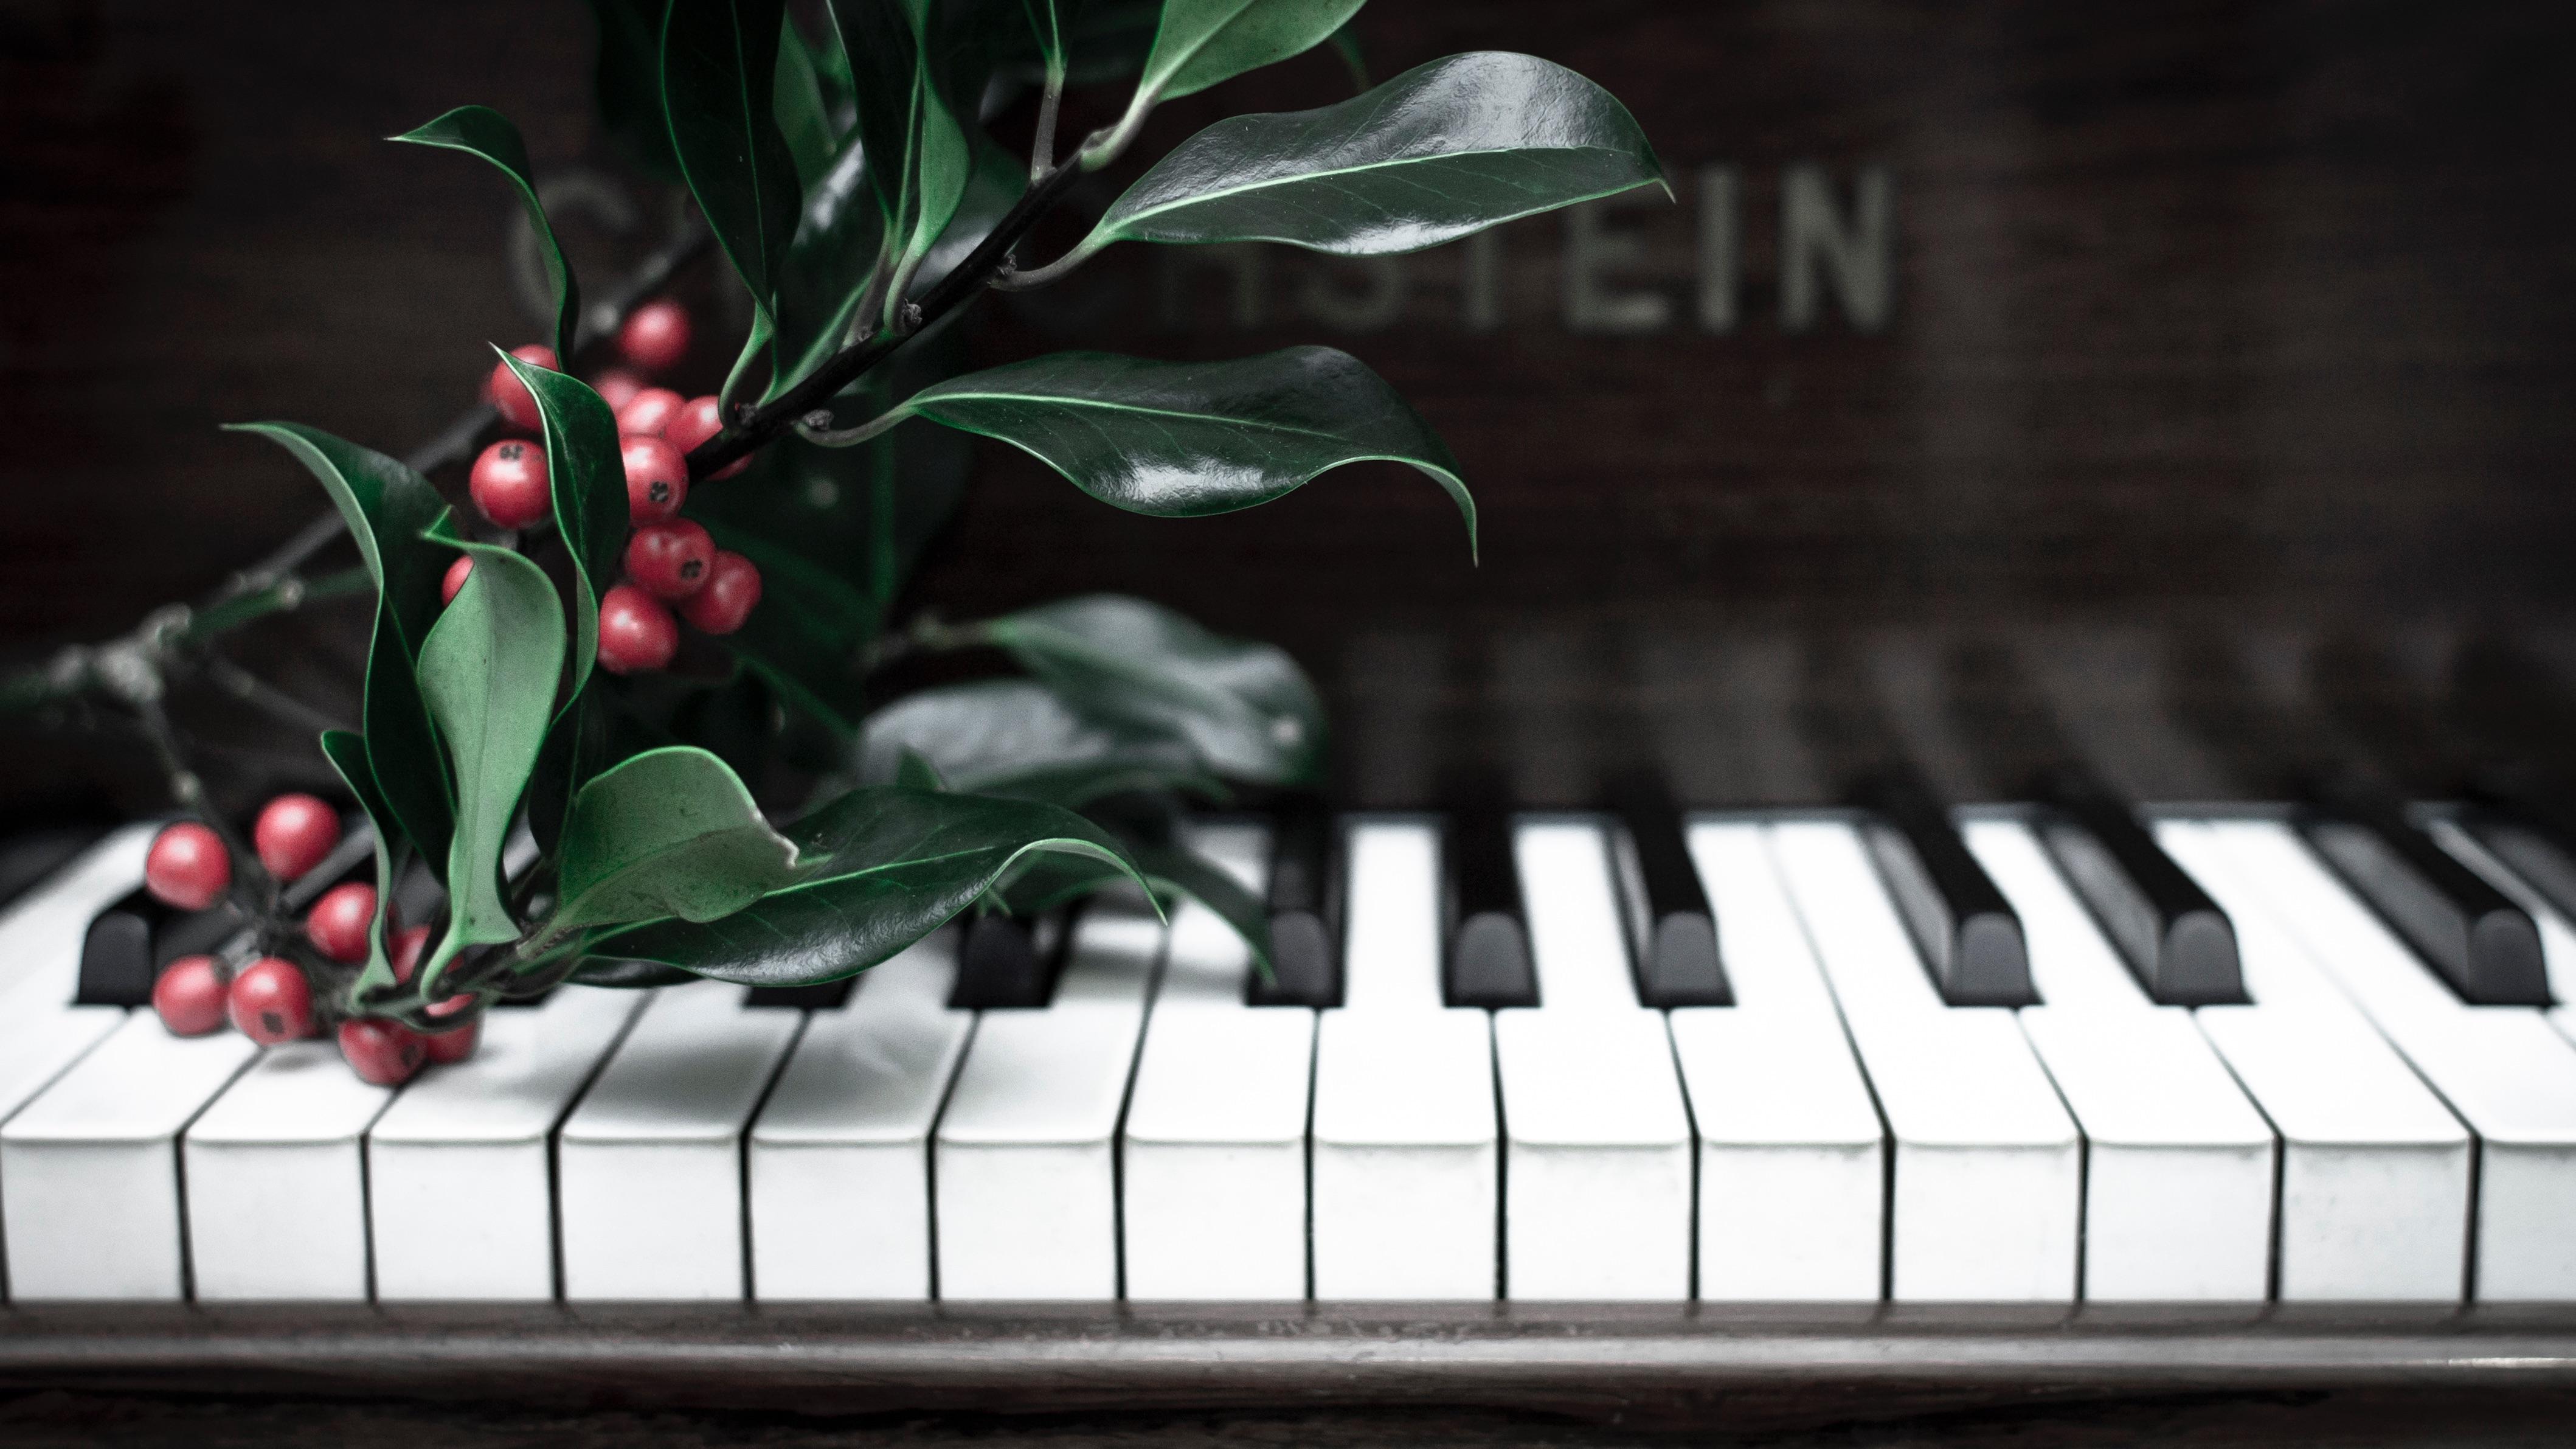 красивые картинки пианино рояль прогадаете, если